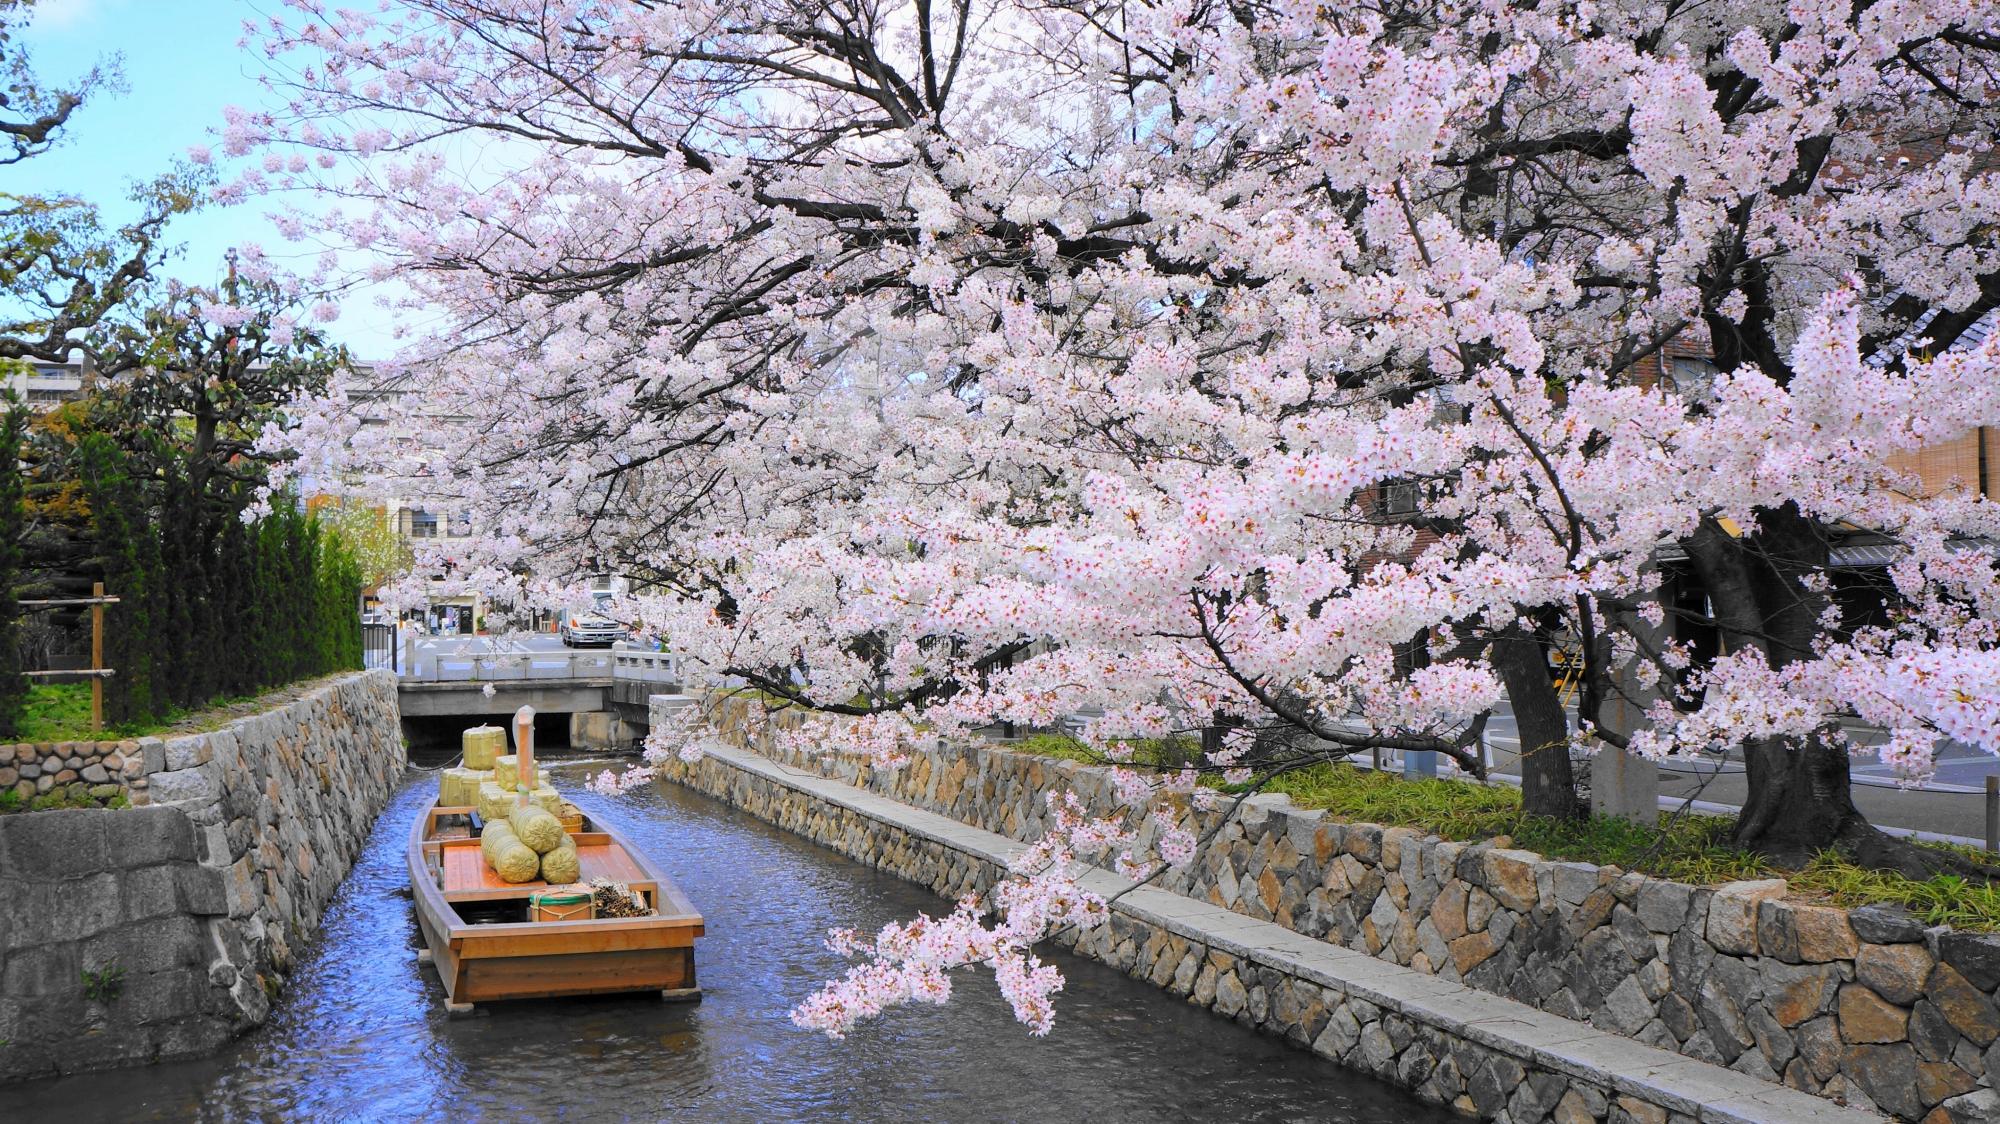 絶妙に合う風情ある高瀬舟と華やかな桜